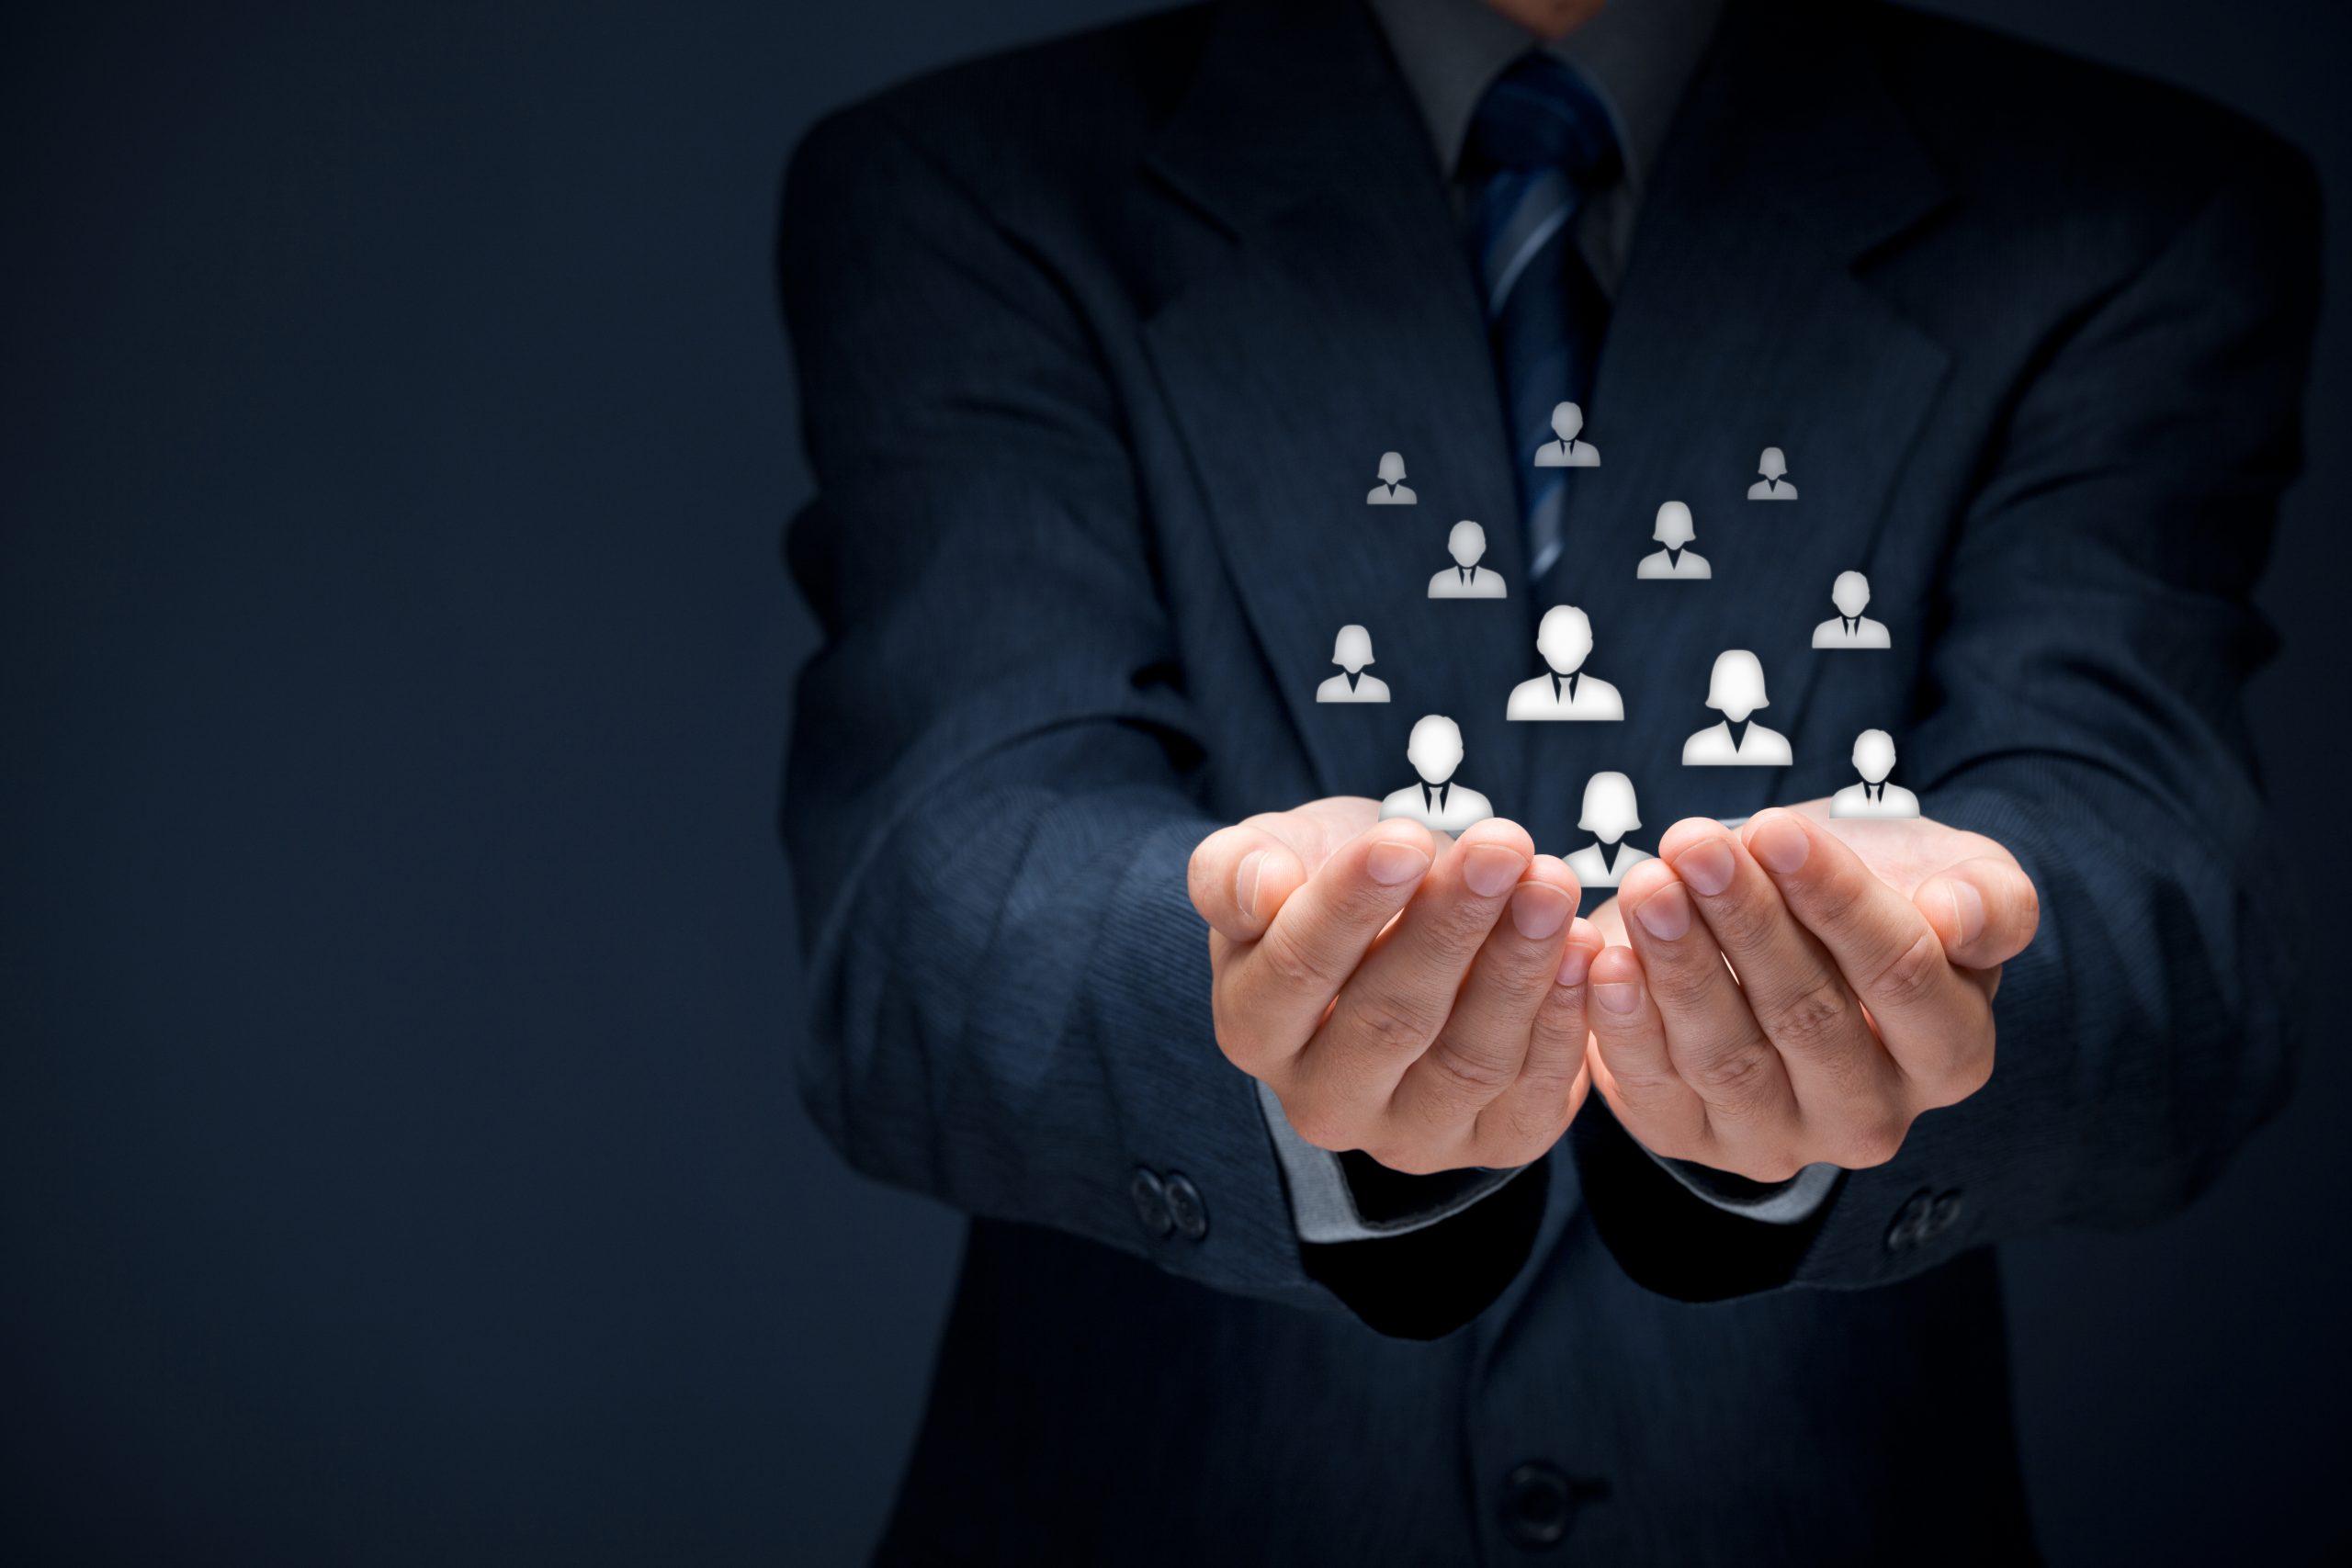 Respect au travail: Conseils pour reconnaître les mauvais comportements et intervenir